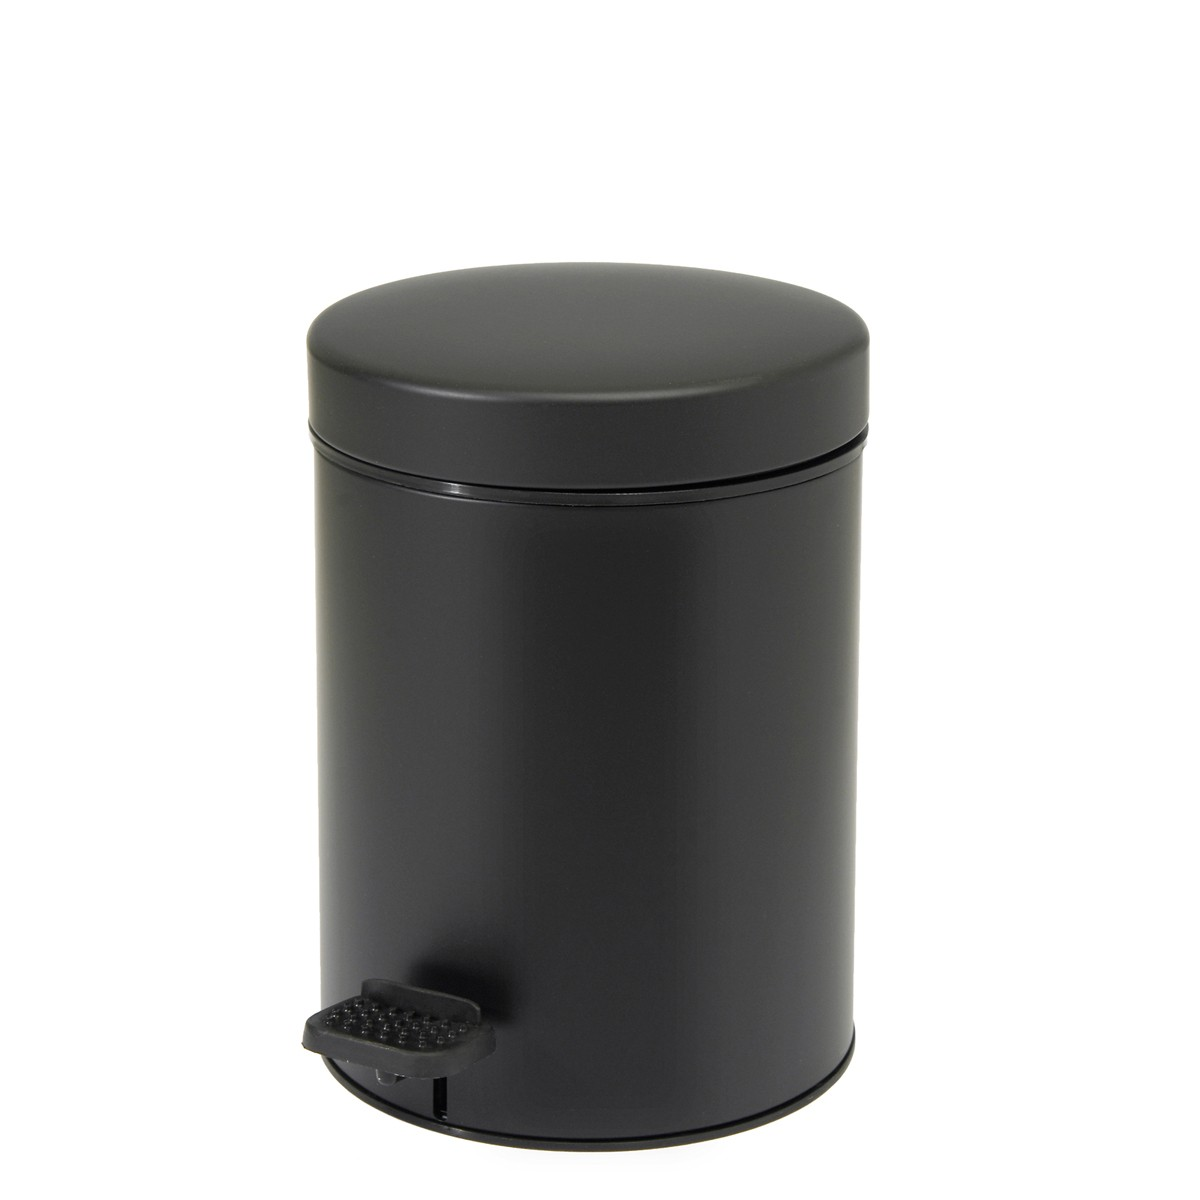 Κάδος Απορριμμάτων (18x25) PamCo 3Lit 605 Black Matte